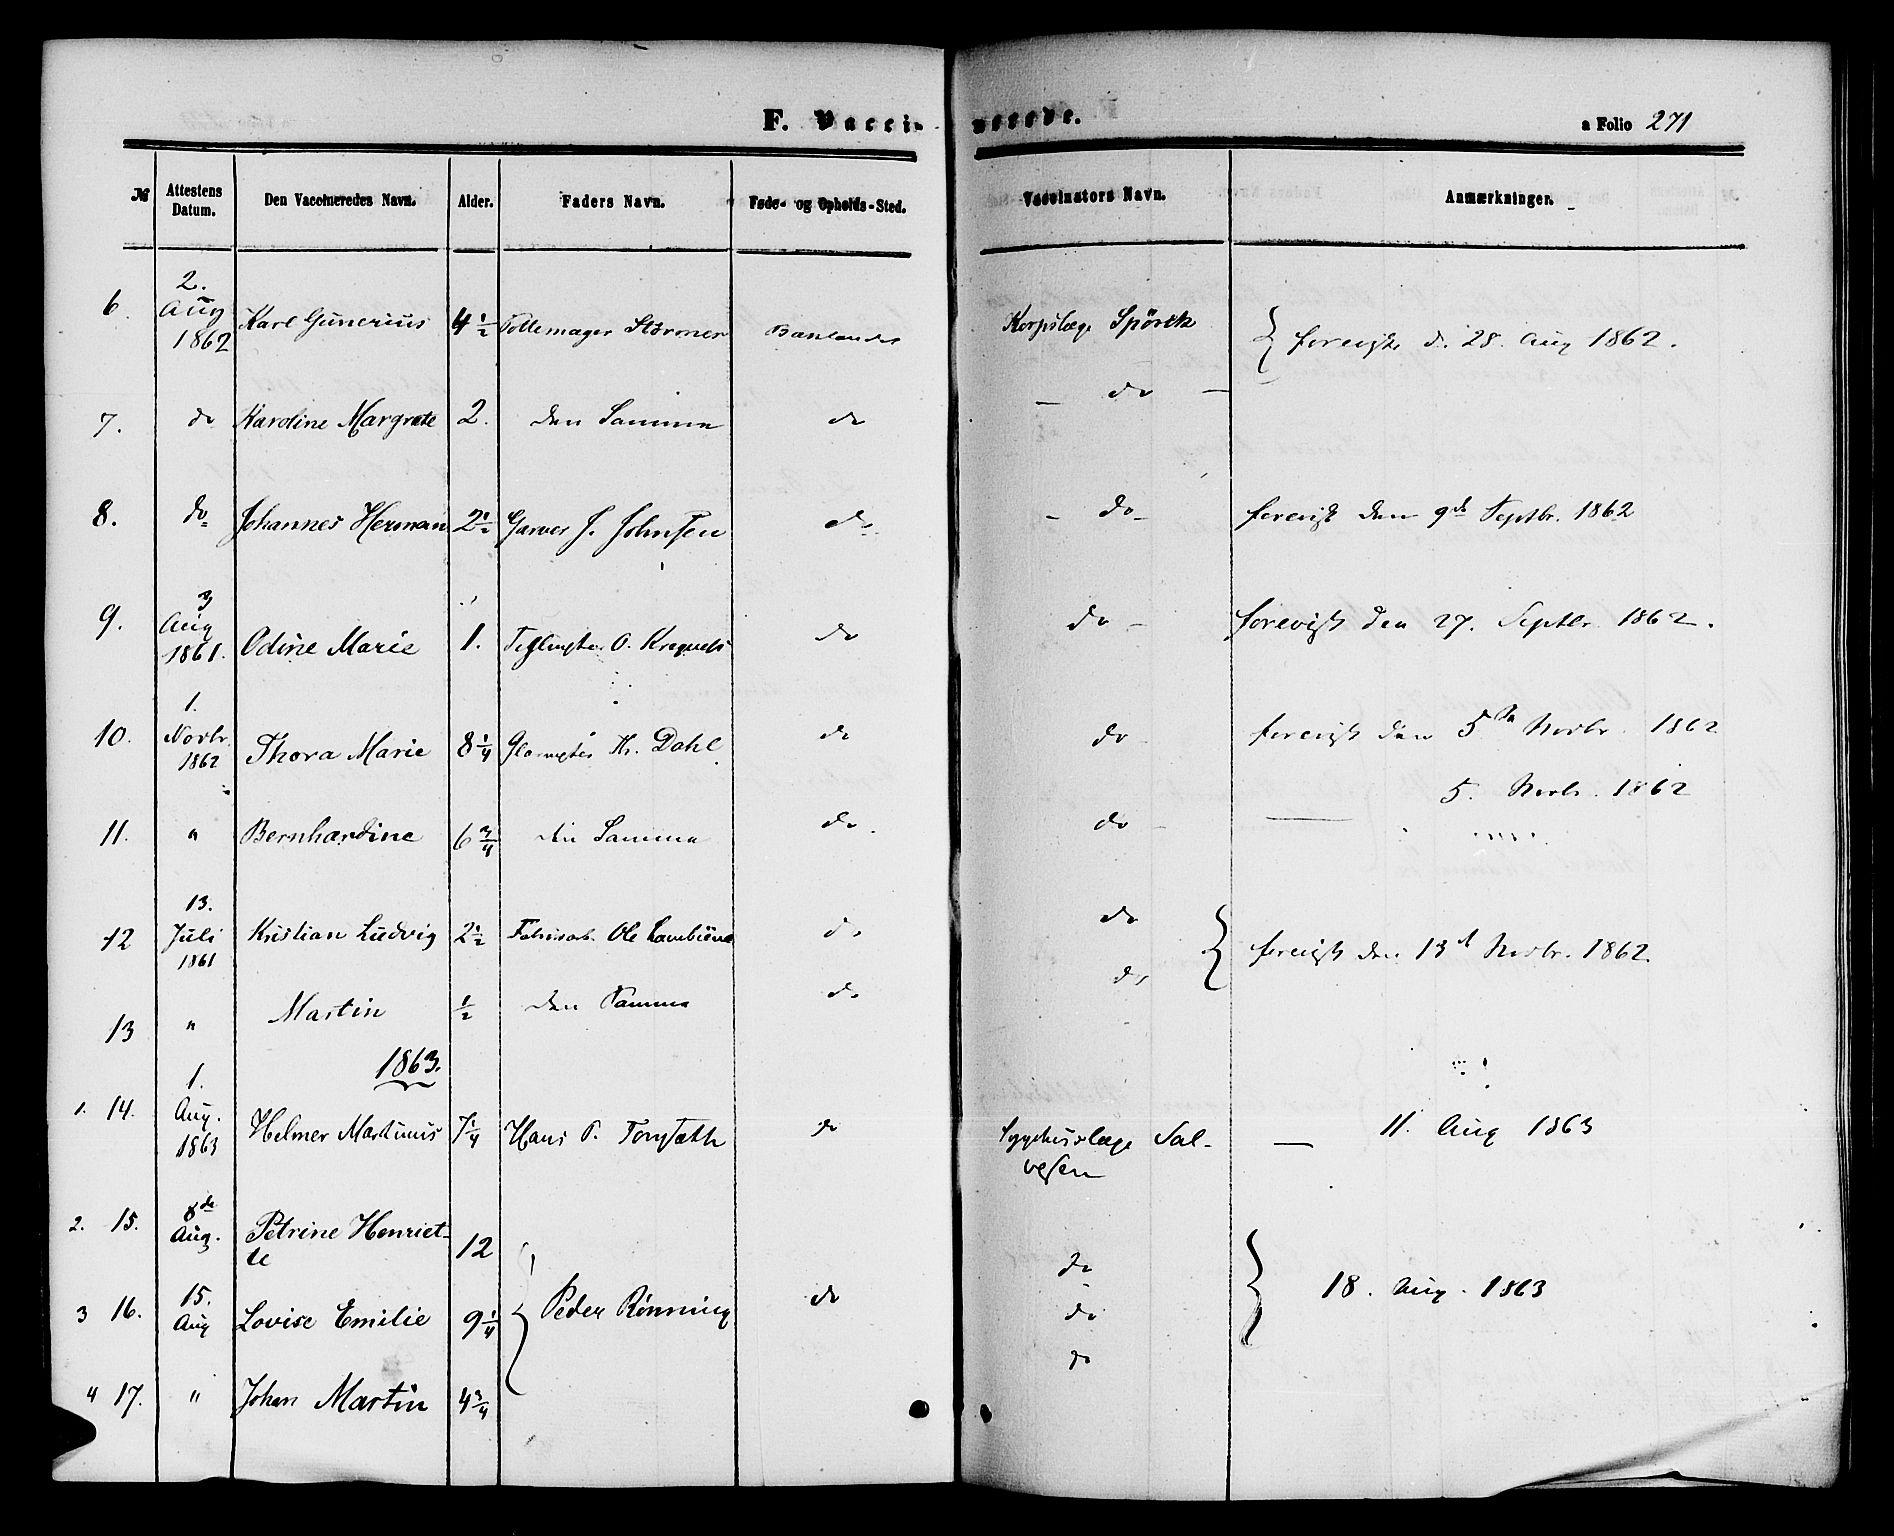 SAT, Ministerialprotokoller, klokkerbøker og fødselsregistre - Sør-Trøndelag, 604/L0185: Ministerialbok nr. 604A06, 1861-1865, s. 271